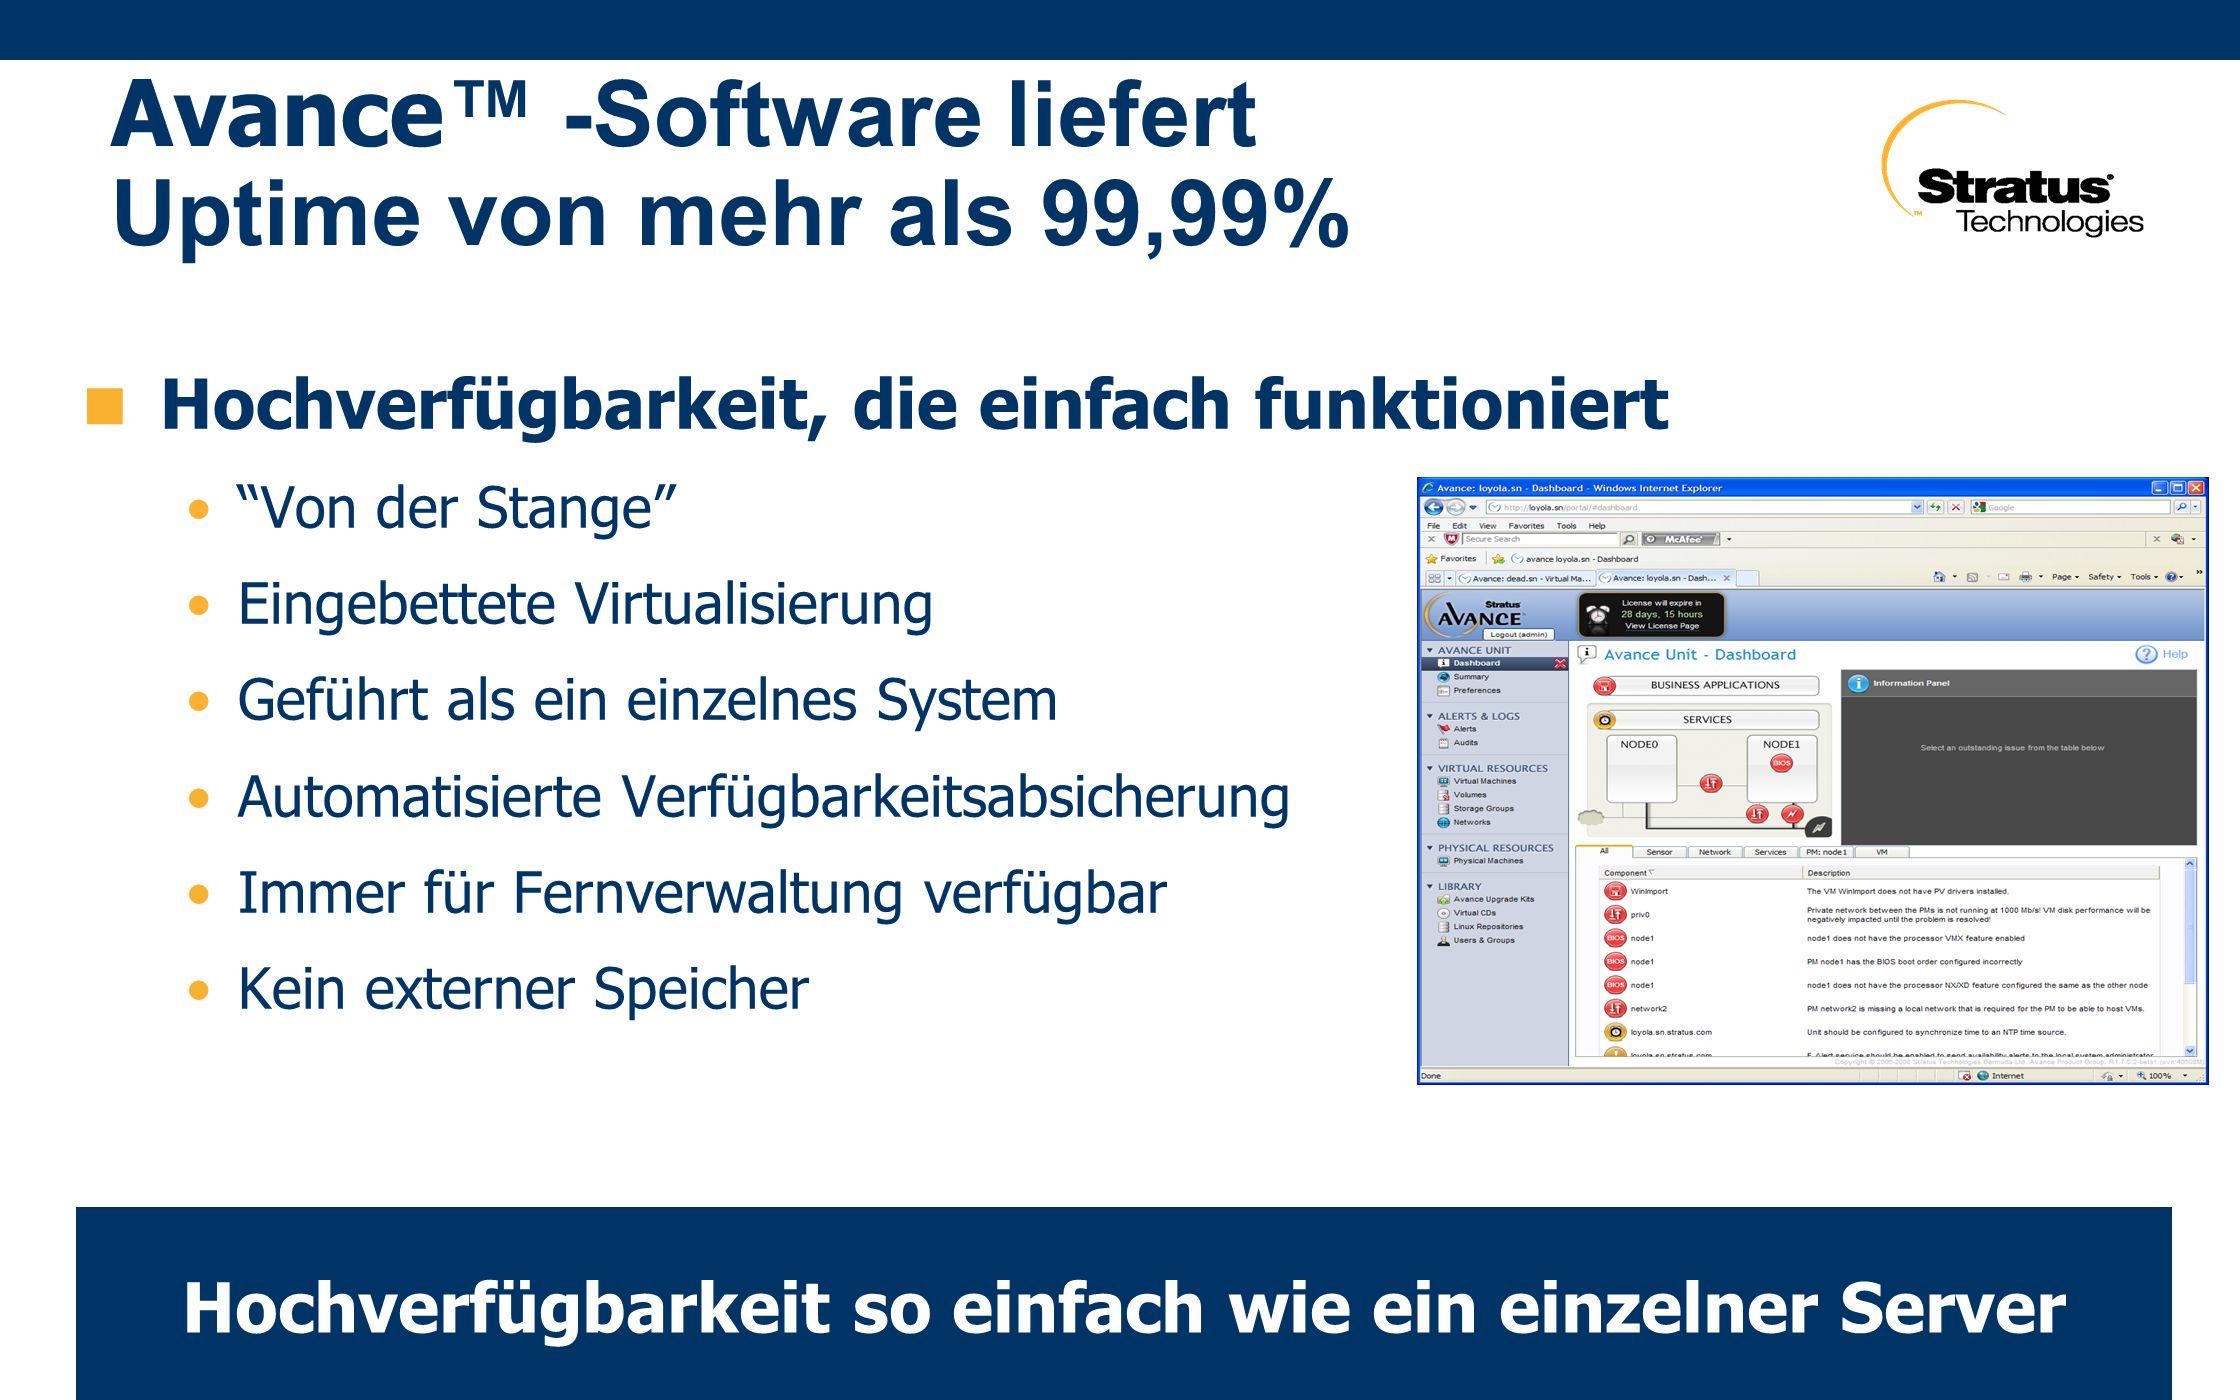 Hochverfügbarkeit, die einfach funktioniert Von der Stange Eingebettete Virtualisierung Geführt als ein einzelnes System Automatisierte Verfügbarkeitsabsicherung Immer für Fernverwaltung verfügbar Kein externer Speicher Avance ™ -Software liefert Uptime von mehr als 99,99% Hochverfügbarkeit so einfach wie ein einzelner Server